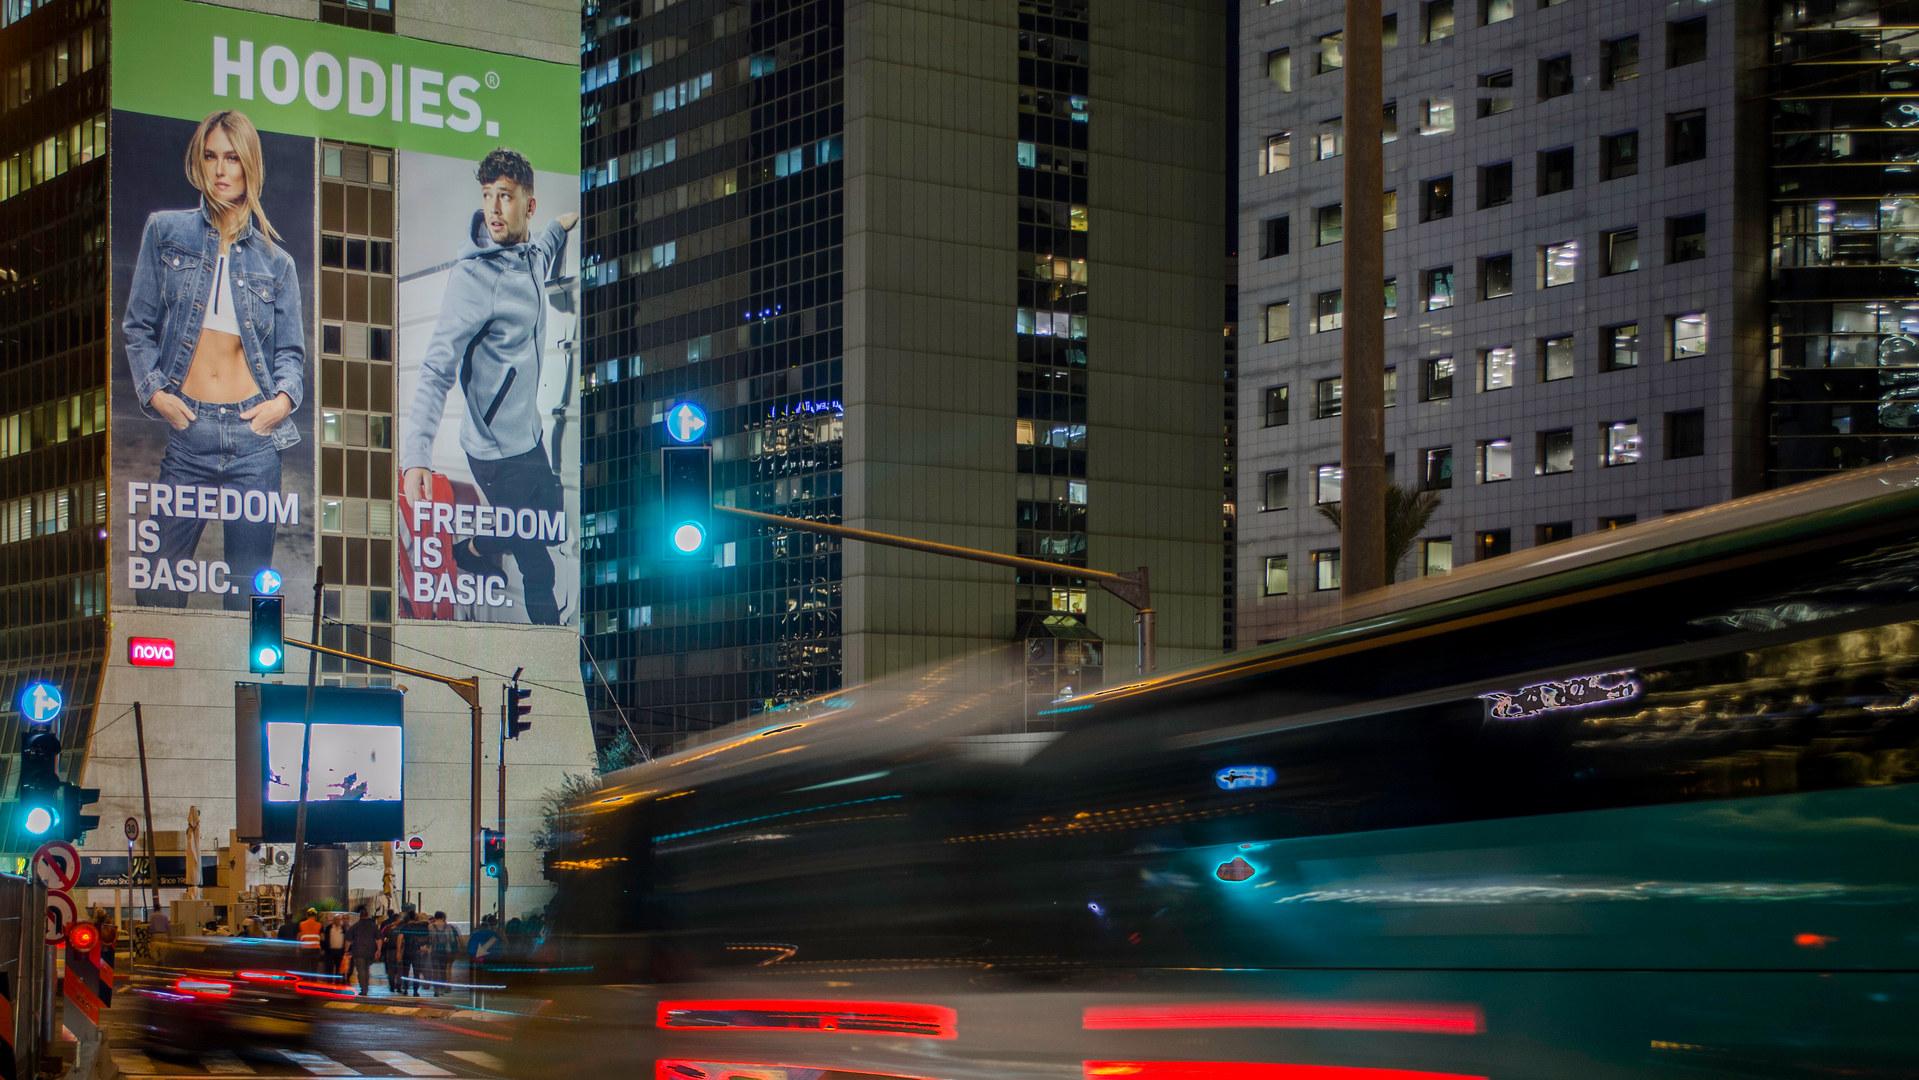 Outdoor advertising in Tel-Aviv